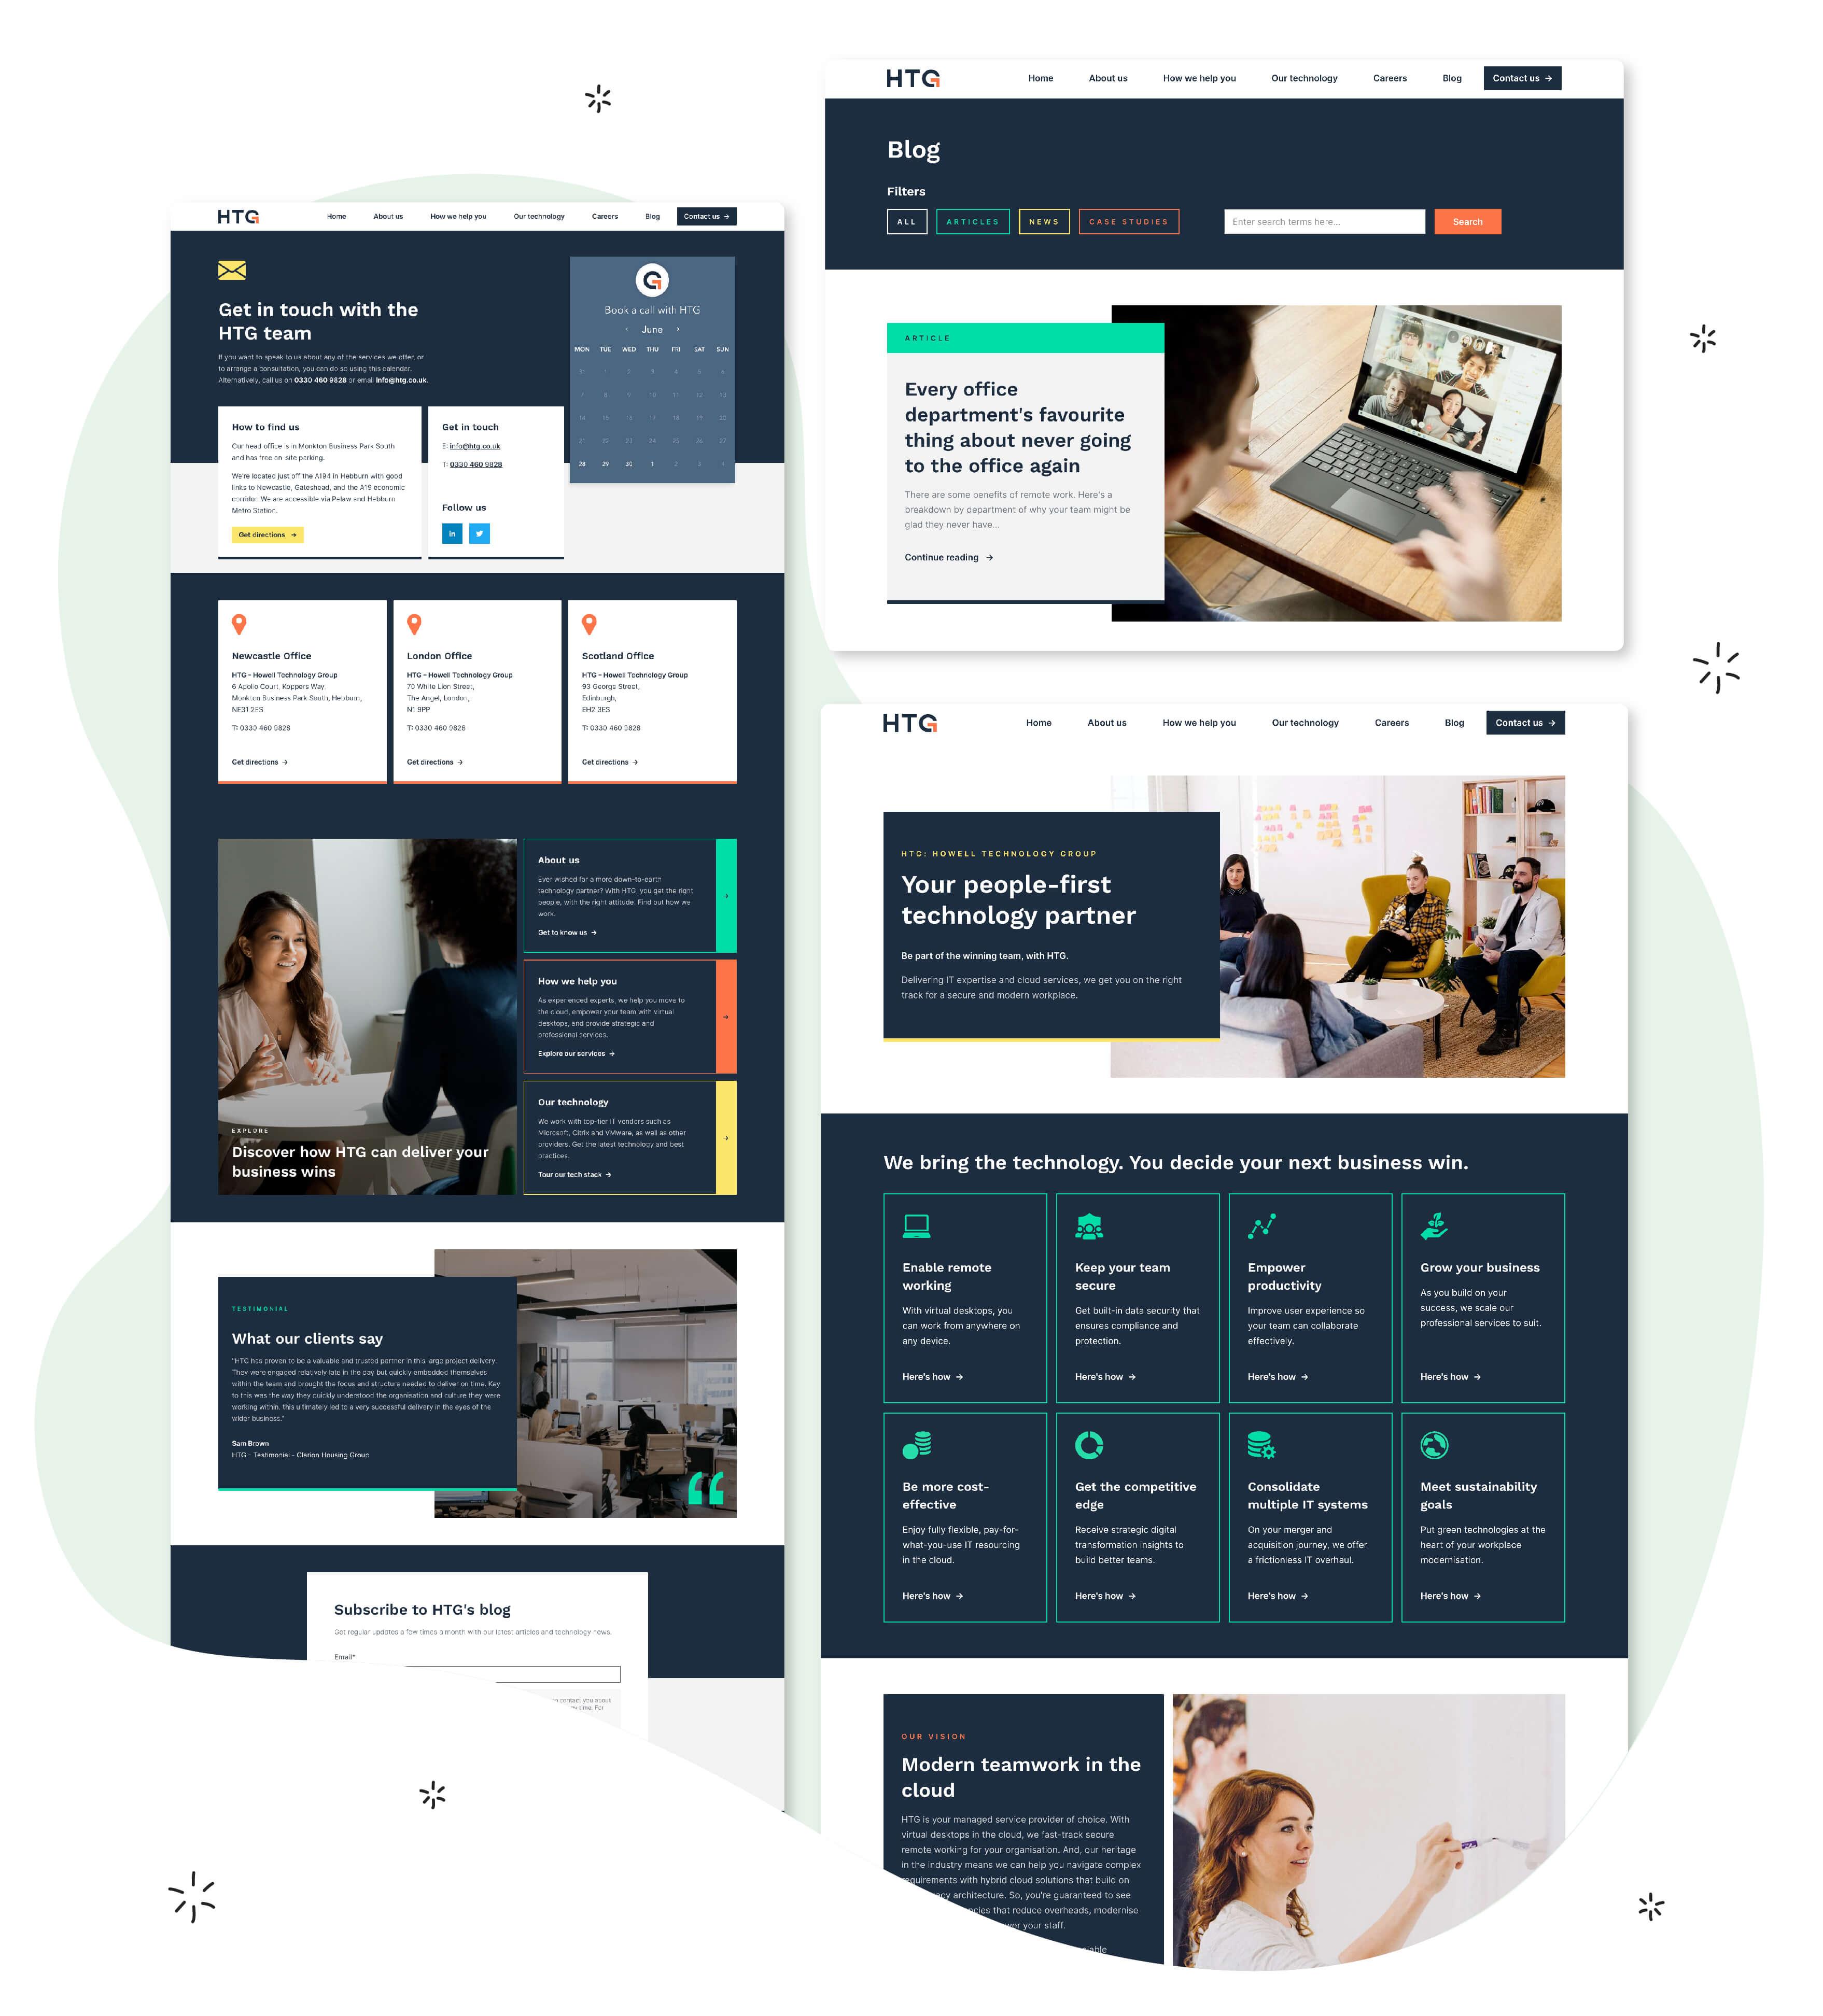 Articulate Marketing Case Study - A winning HubSpot website for HTG - Design-Showcase-02